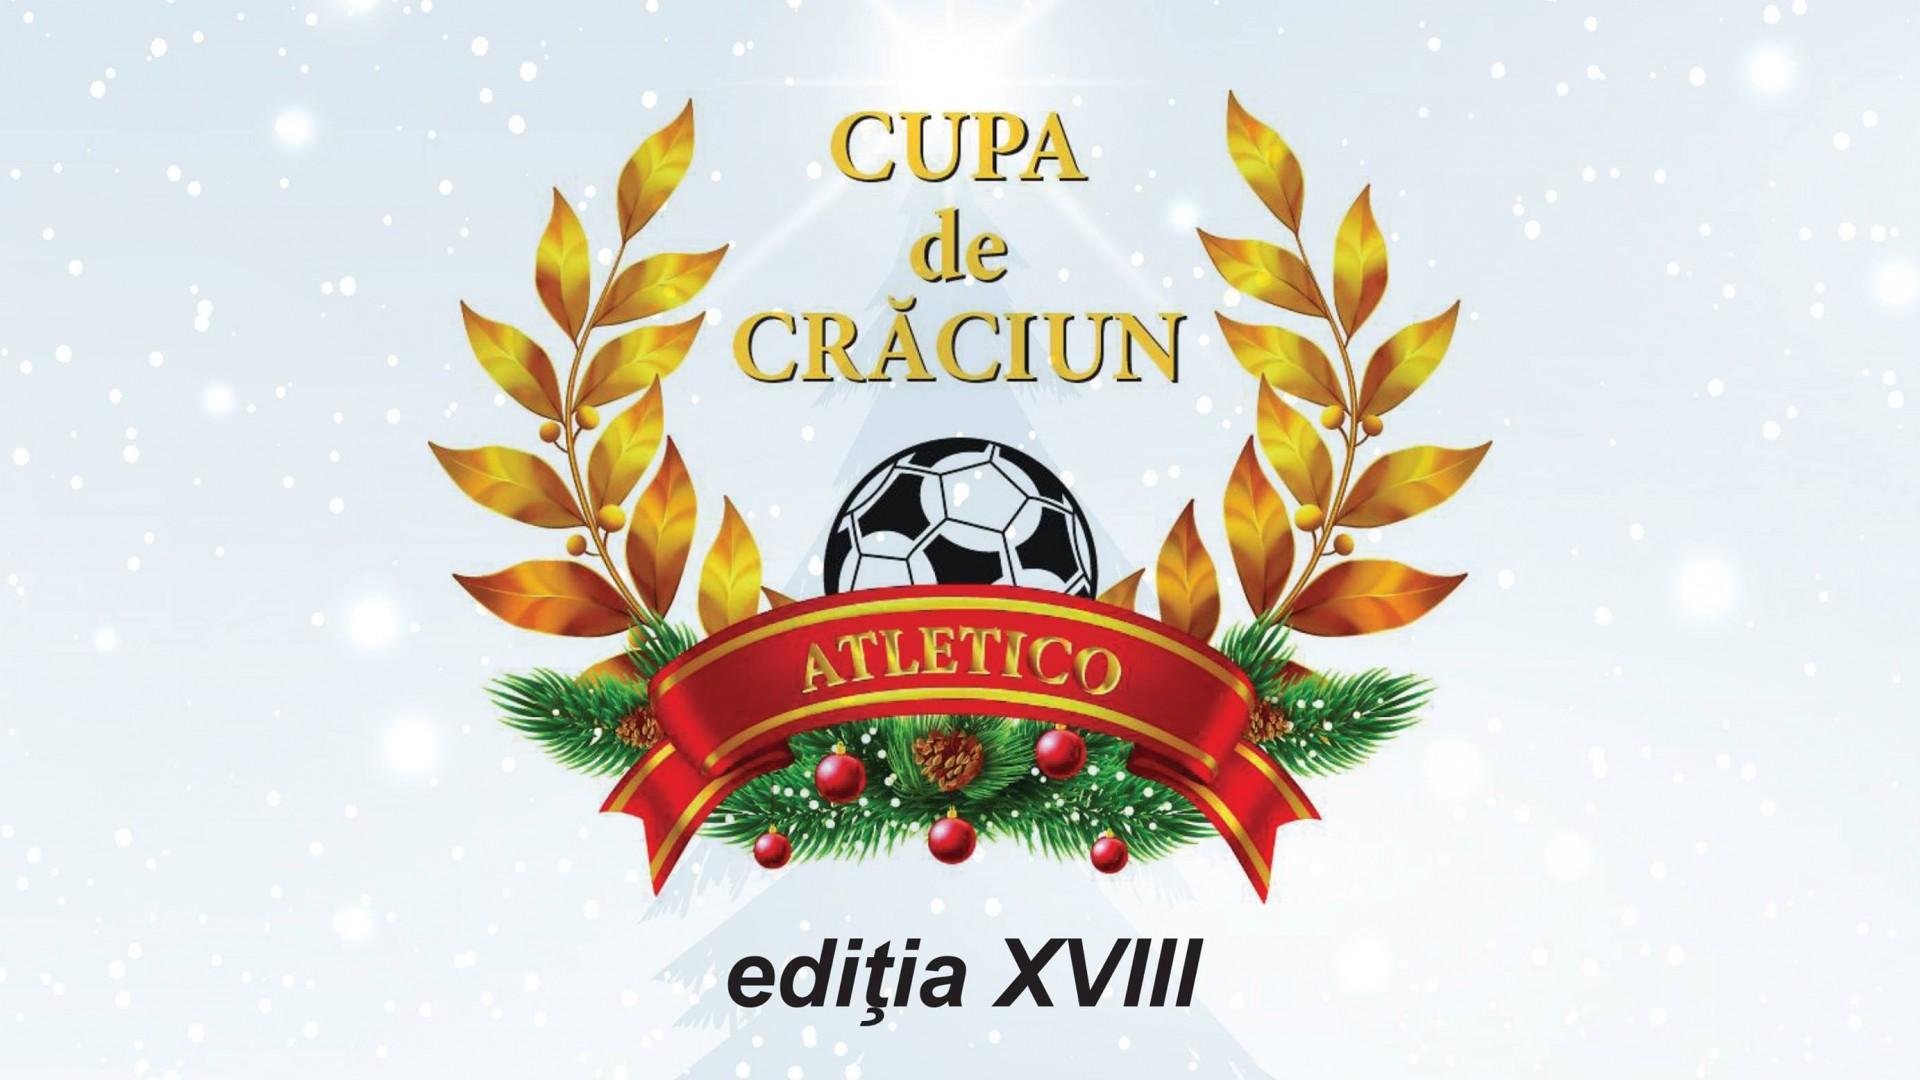 Cupa de Craciun Atletico